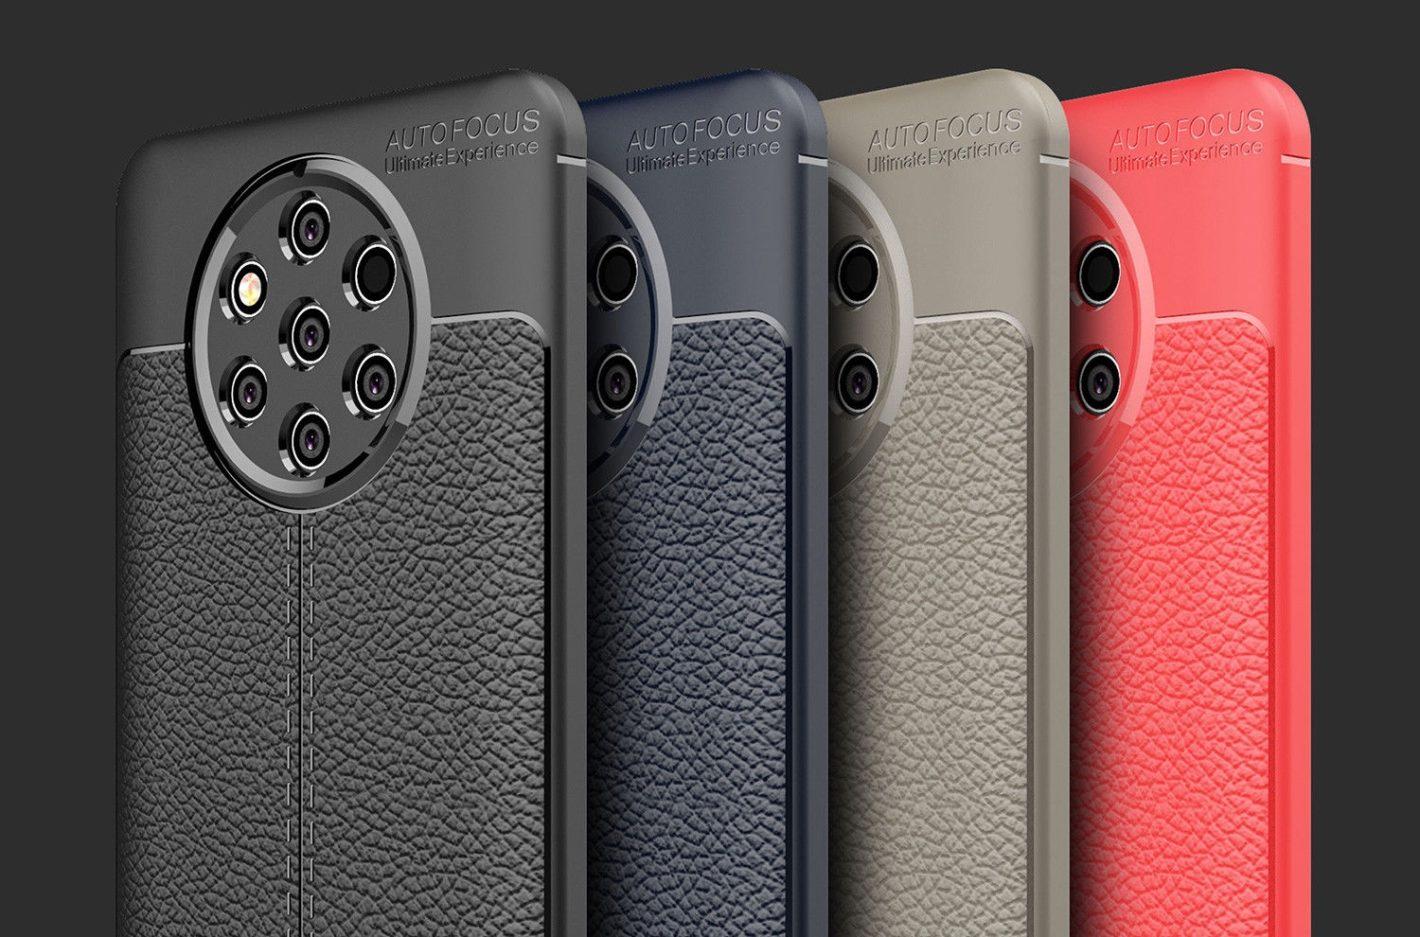 किंमत - जाणकारांनी दिलेल्या माहितीनुसार भारतात Nokia 9 PureViewची किंमत 46,999 रुपये अशी राहू शकते. हा स्मार्टफोन जेव्हा अमेरिकेत लाँच करण्यात आला होत, तेव्हा त्याची किंमत 699 डॉलर म्हणजेच जवळपास 50 हजार रुपया इतकी होती.